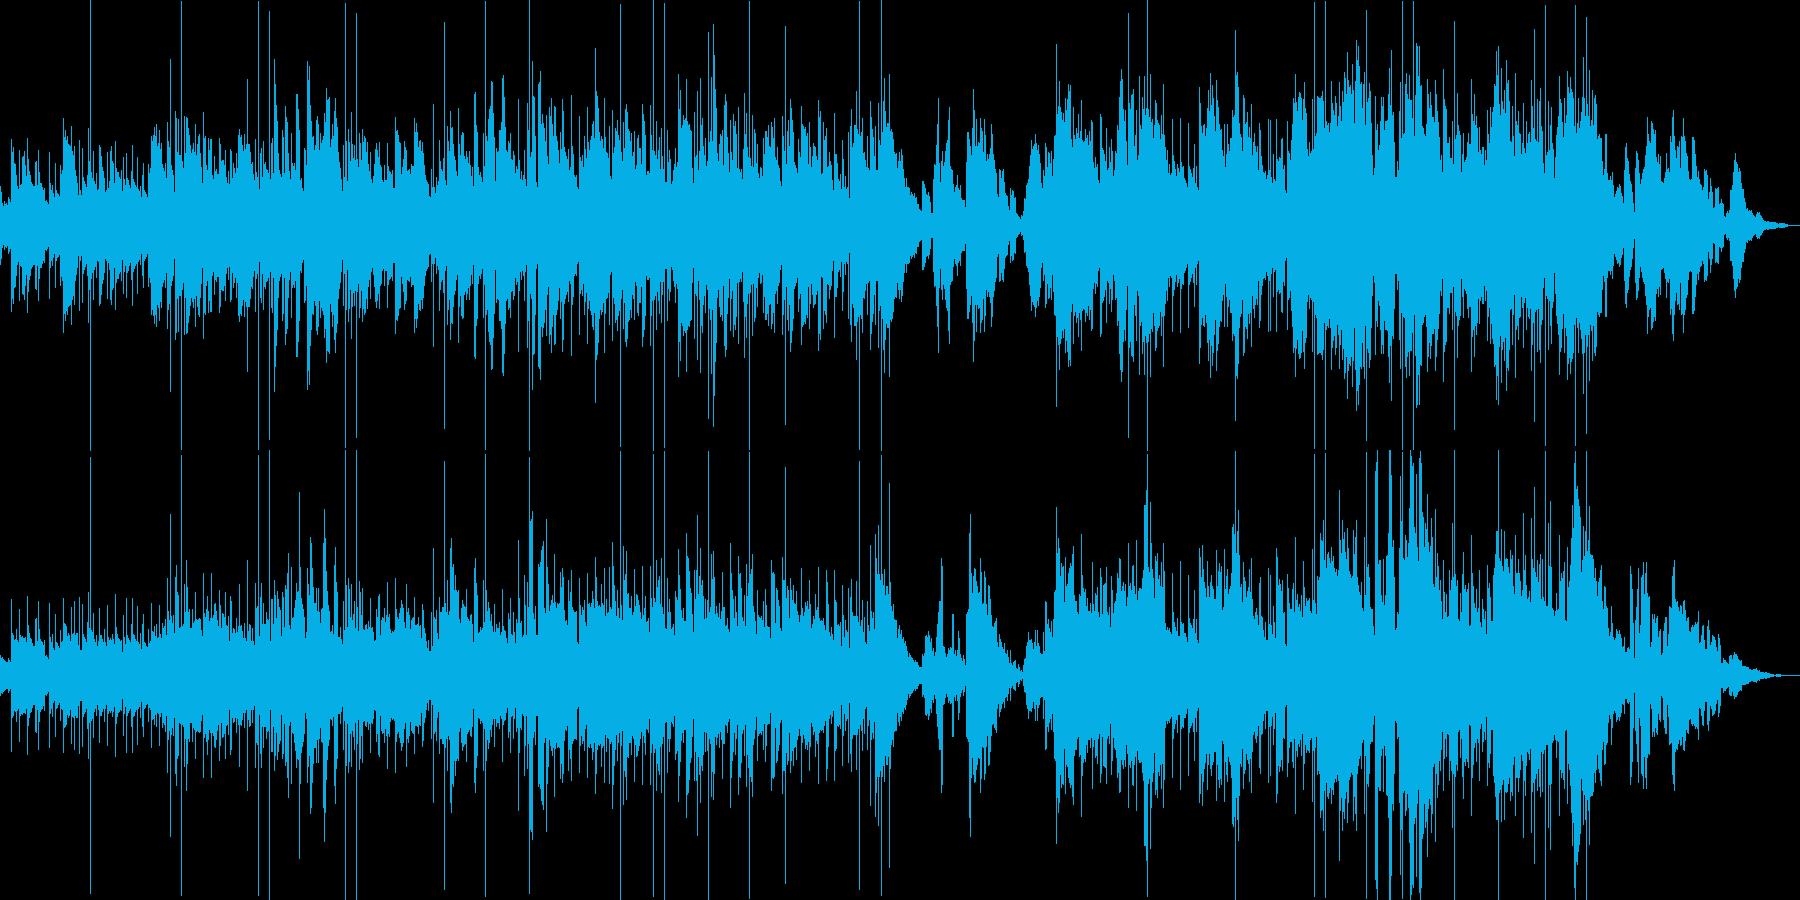 揺らめく水の流れのような旋律の再生済みの波形